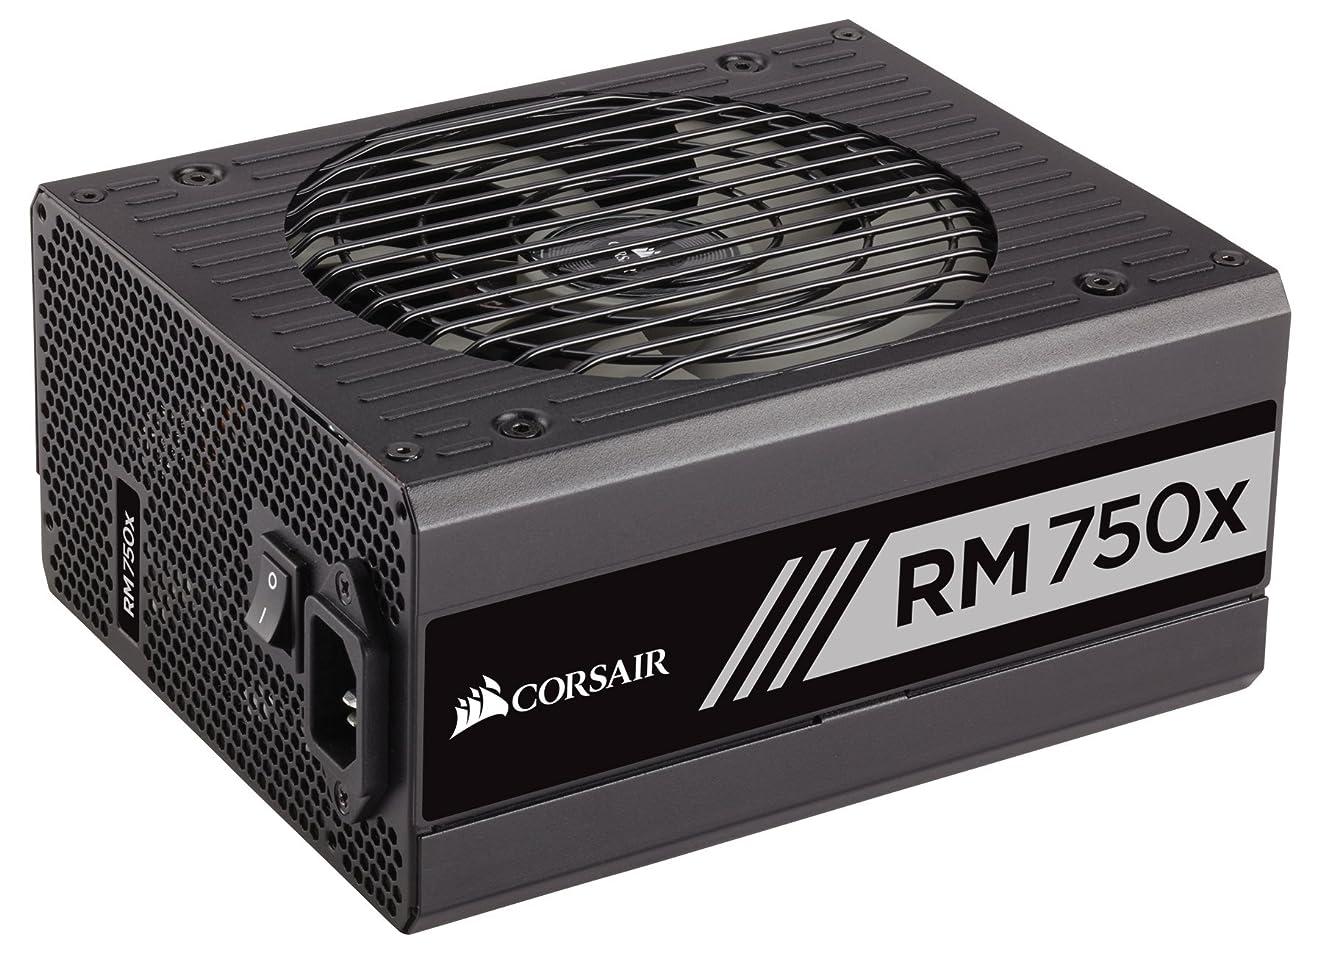 CORSAIR RMX Series, RM750x, 750 Watt, 80+ Gold Certified, Fully Modular Power Supply